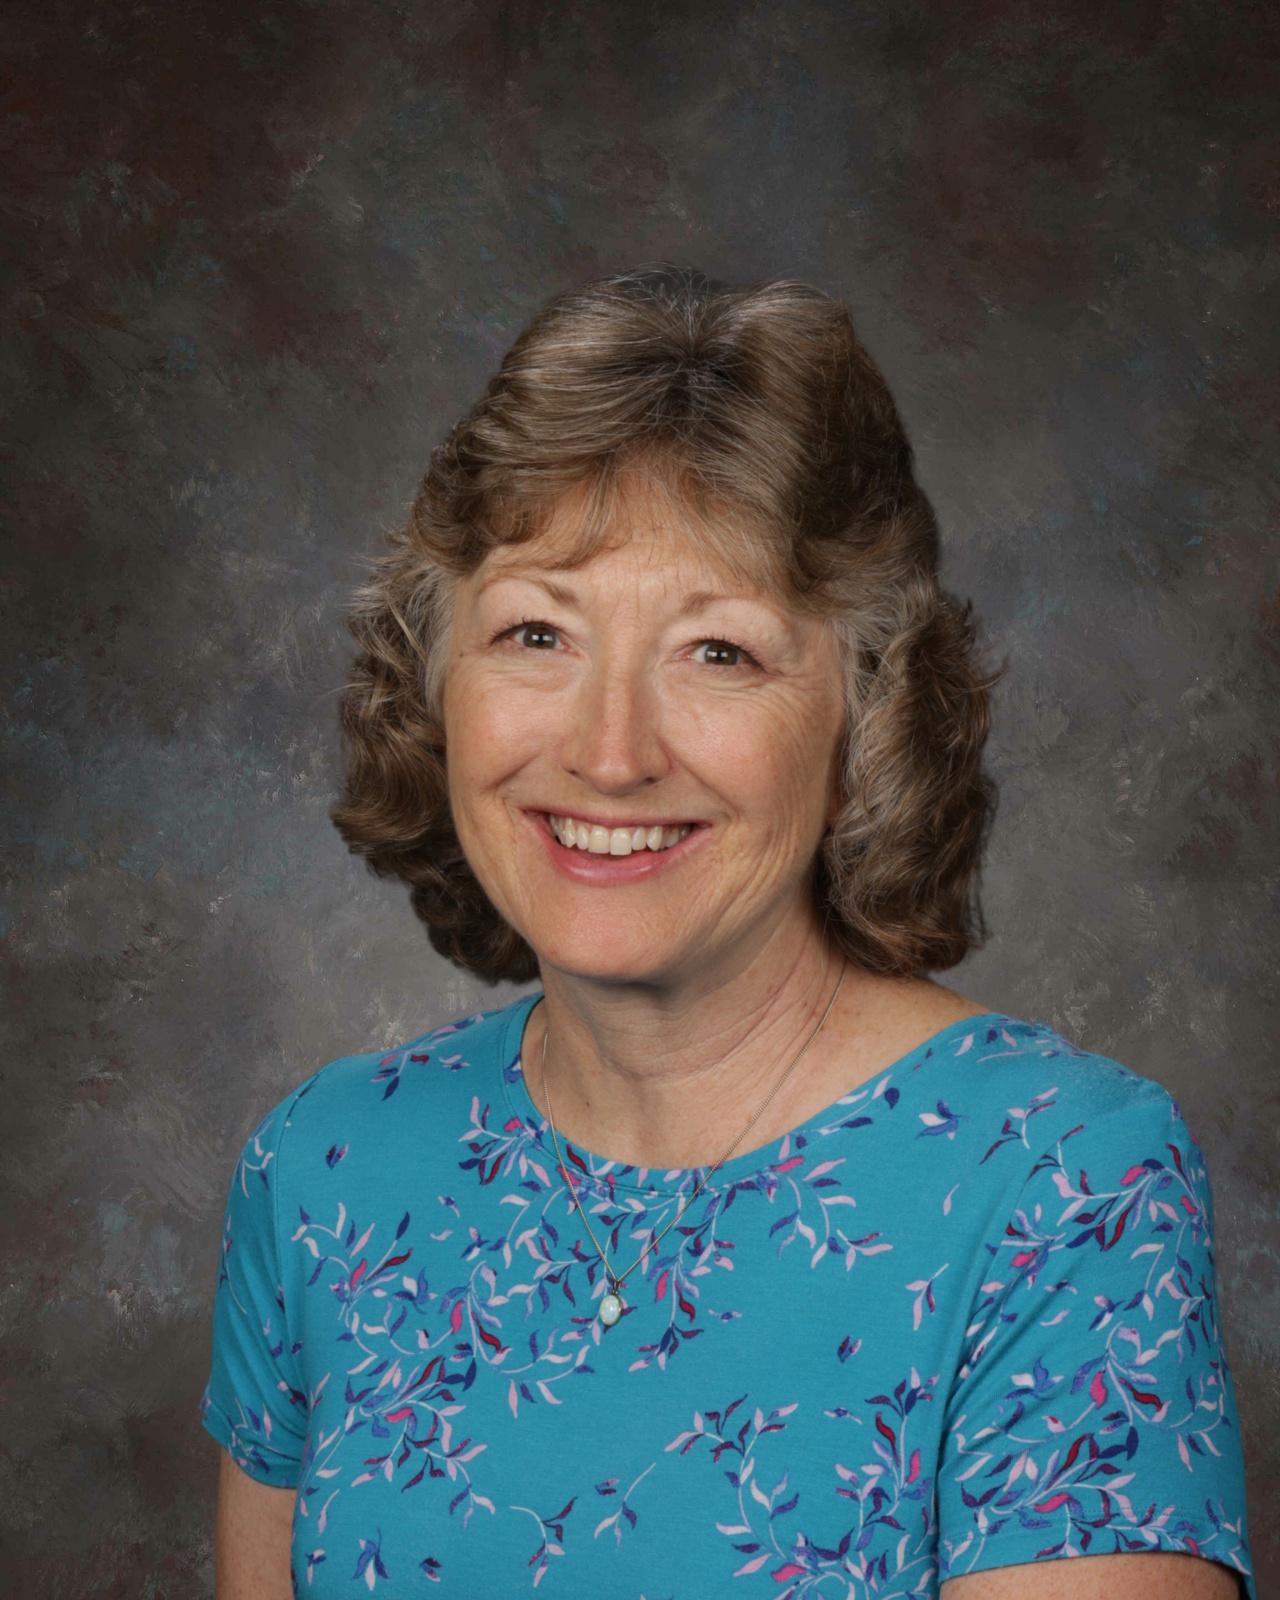 Carolyn Crotser